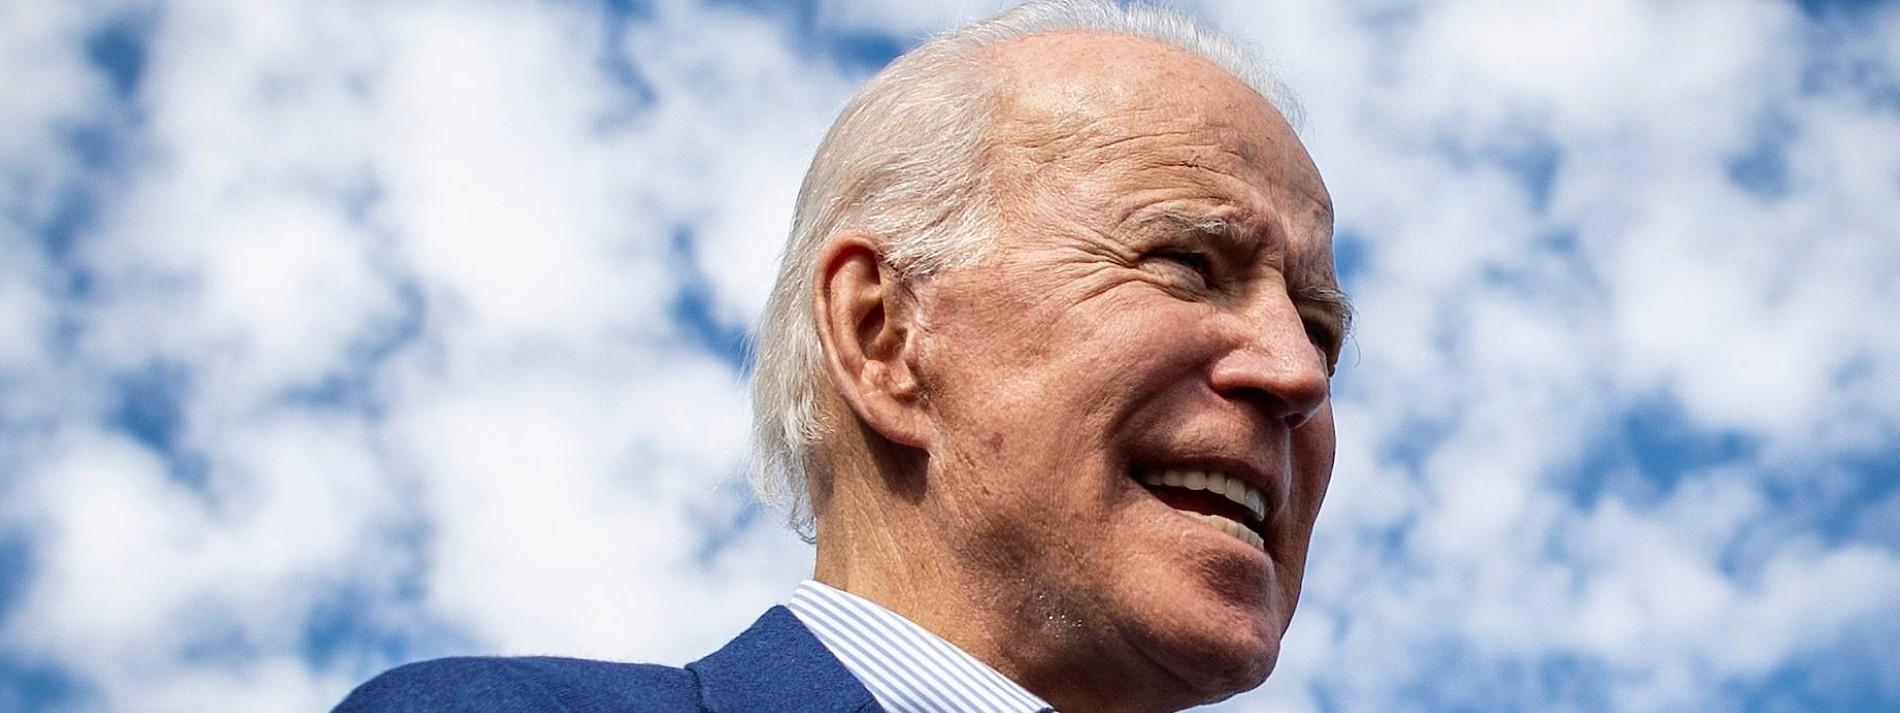 Ökonomen sympathisieren offen mit Joe Biden